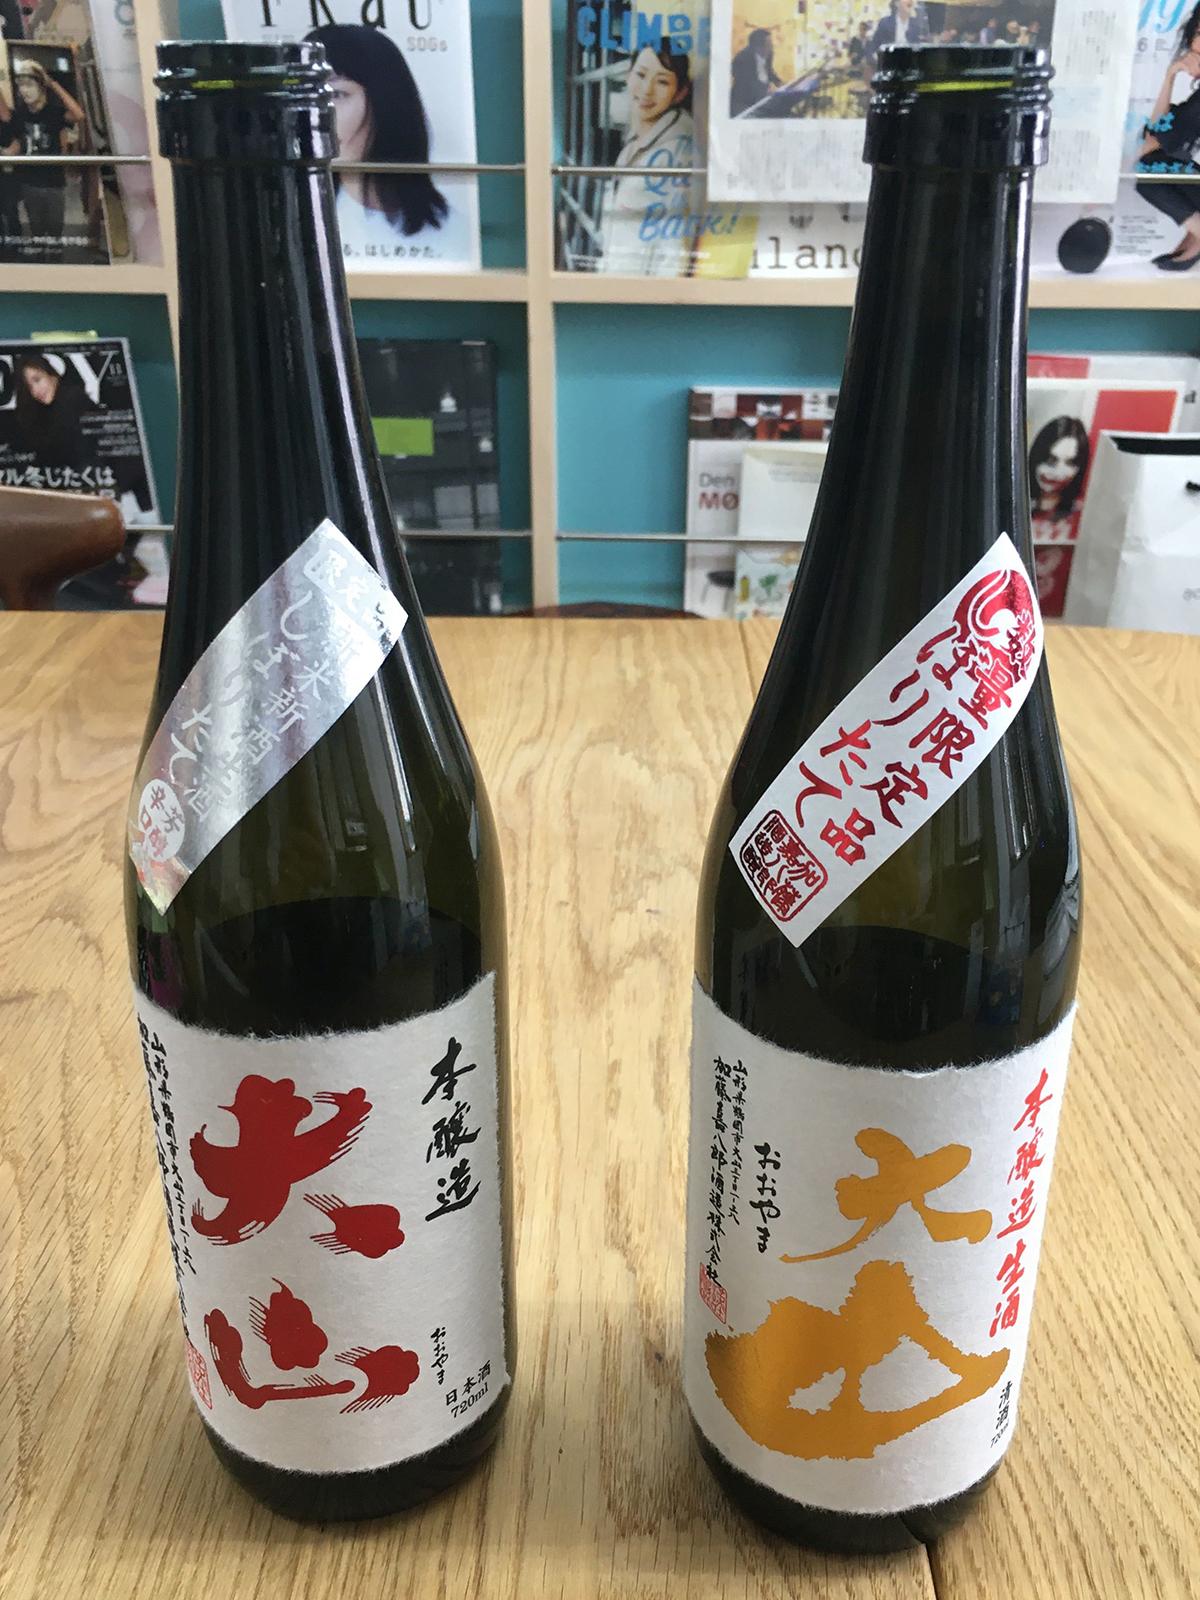 山形の大山(おおやま)本醸造生酒しぼりたて(令和元年醸造)/大山 本醸造生酒しぼりたて平成30年醸造